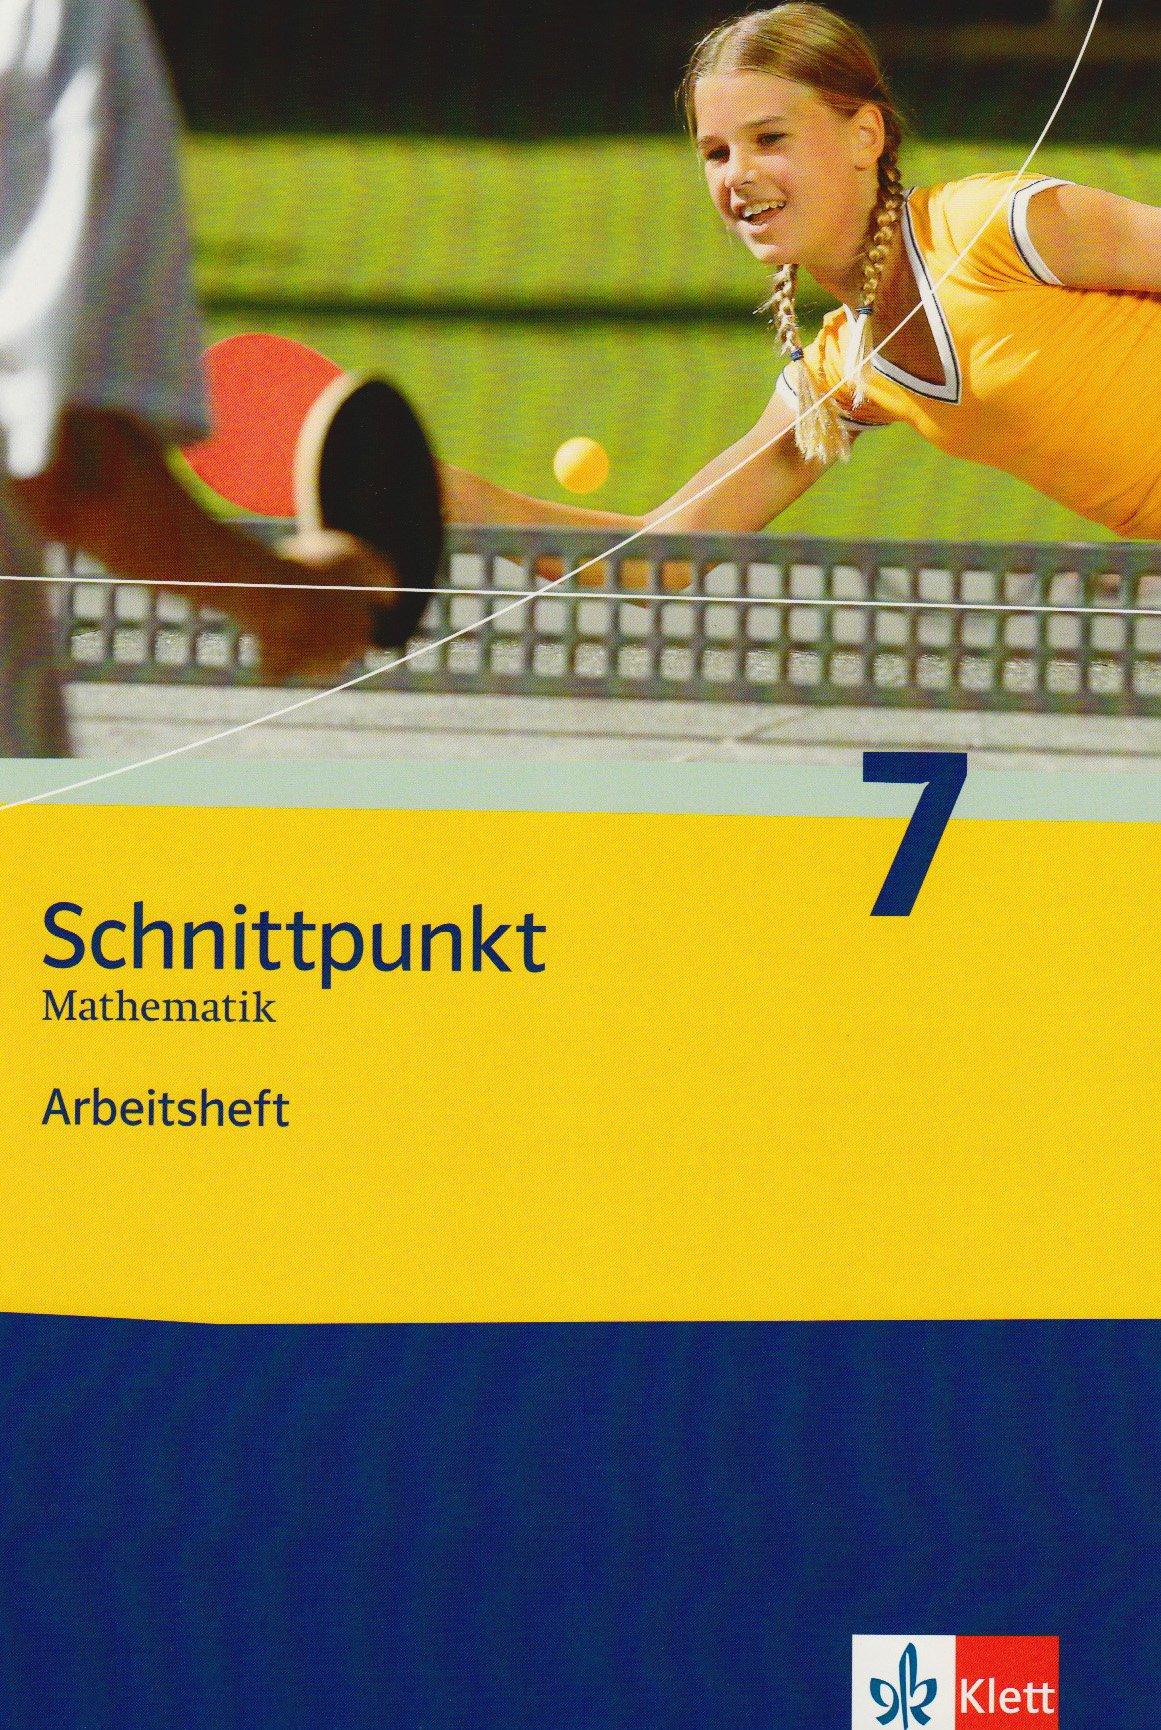 Schnittpunkt. Mathematik für Realschulen (allgemeine Ausgabe) / Arbeitsheft mit Lösungsheft 7. Schuljahr